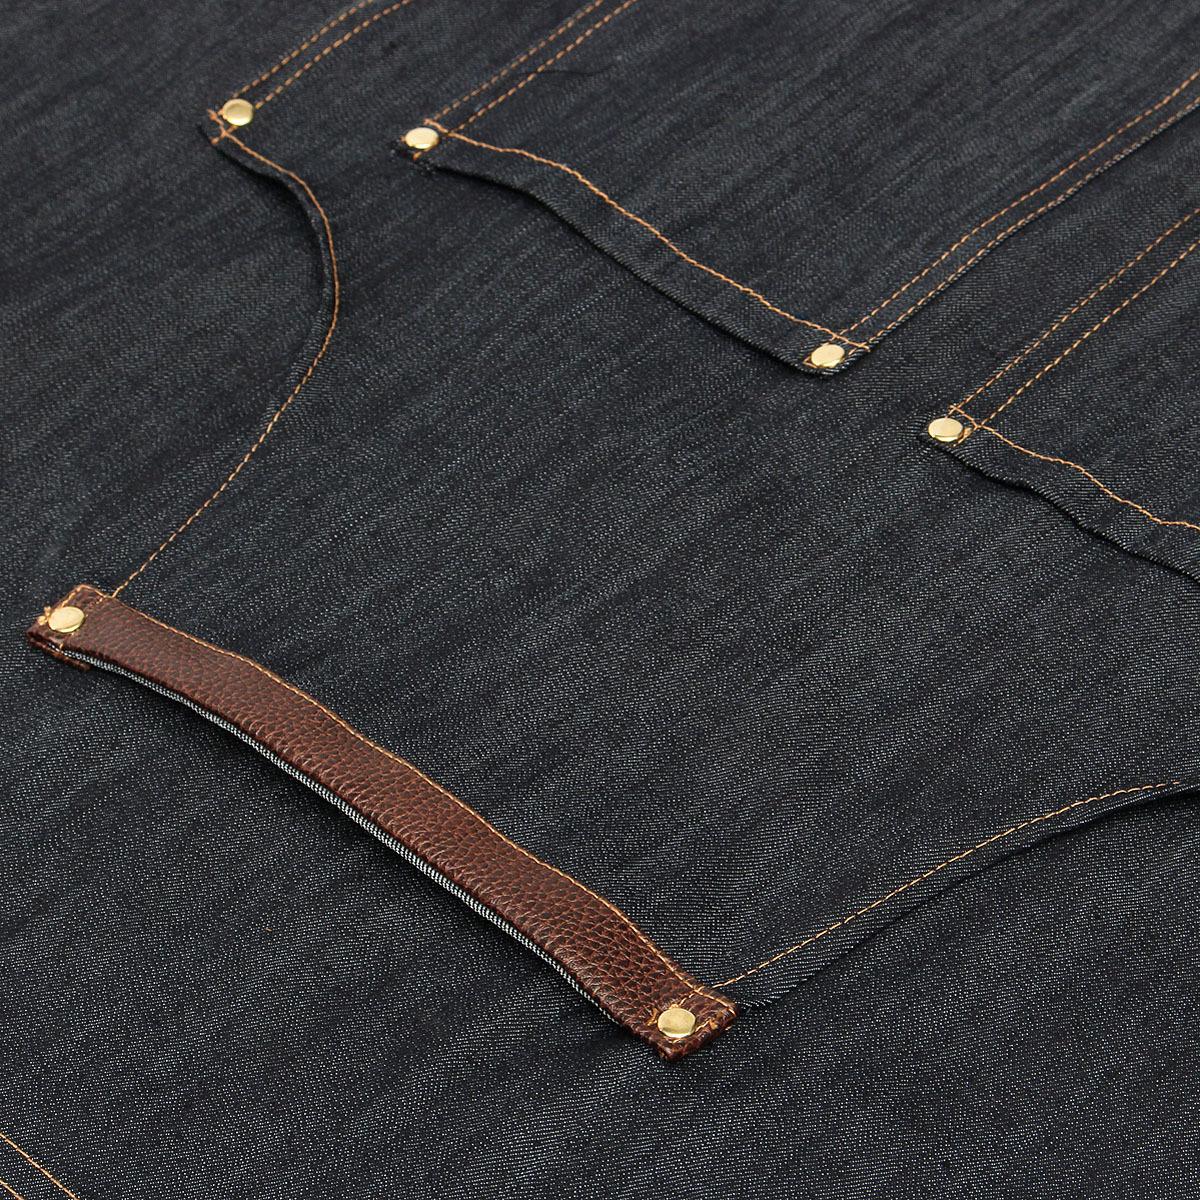 Pro Salon Jean Coiffure Cape Coupe De Cheveux Barber Denim Tablier Teinture Robe Wrap Coiffeur Styling Cloth Avec Poche T190718